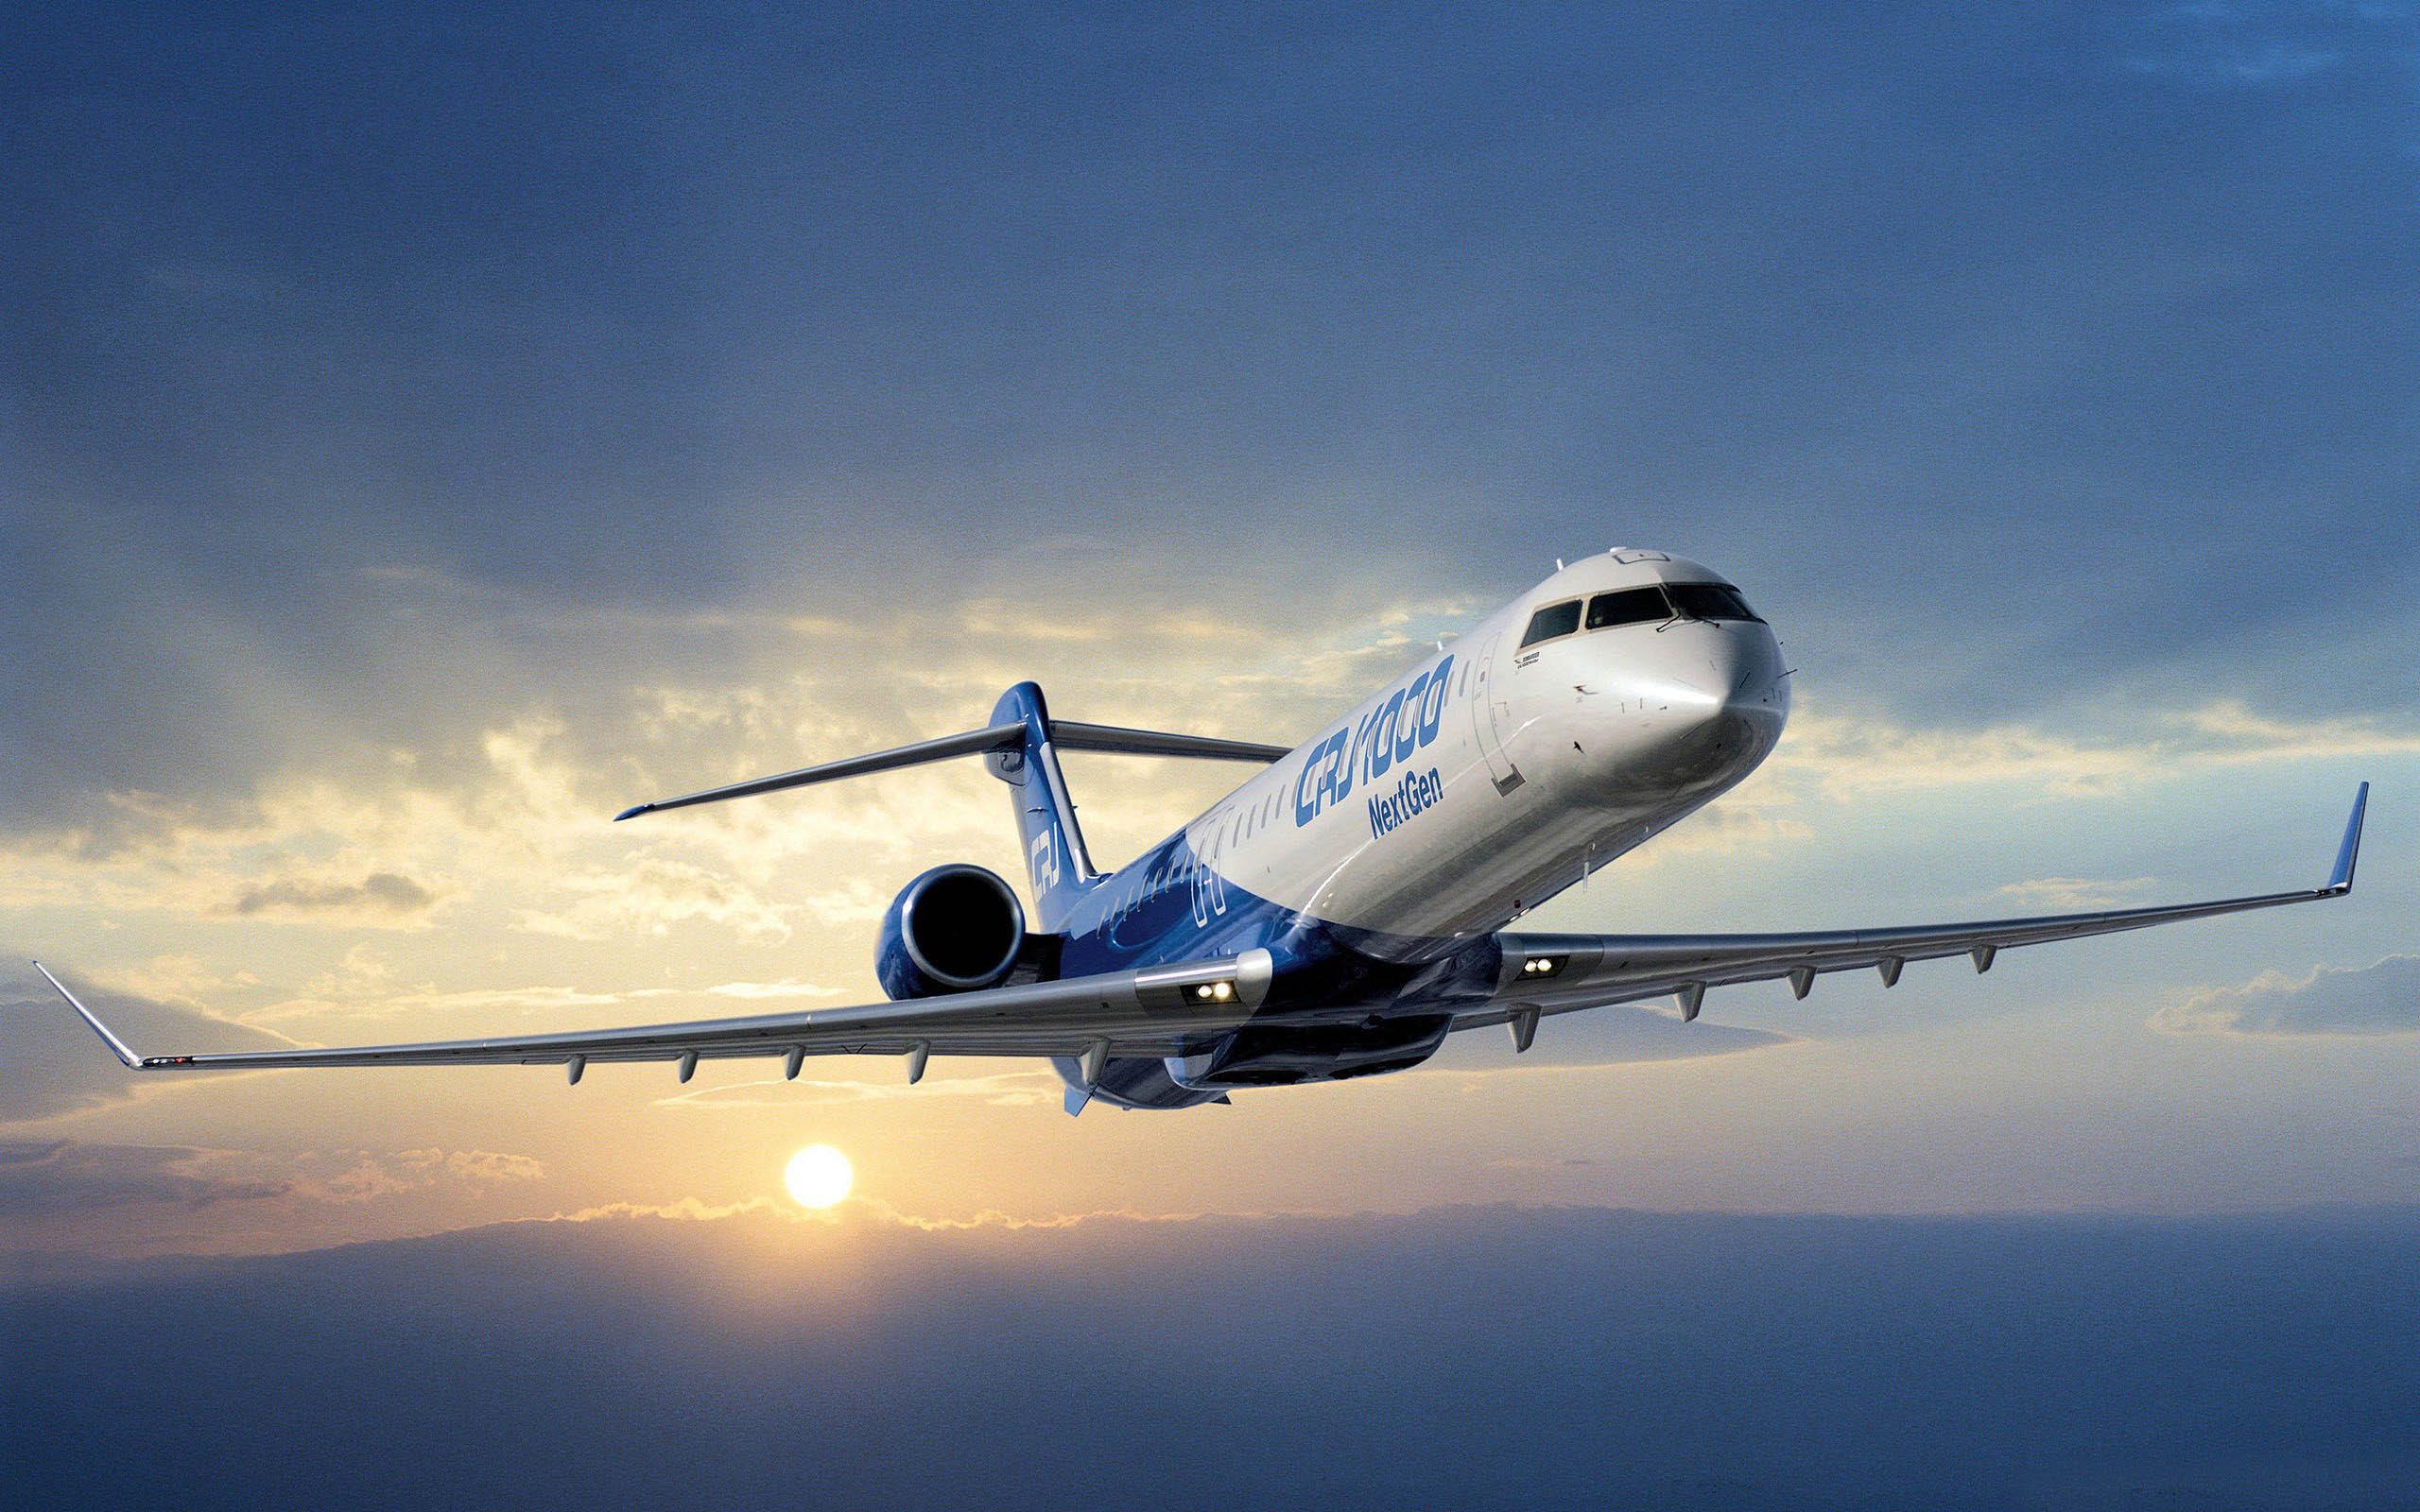 Грузовой самолет картинки и обои - самые необычные и красивые 2